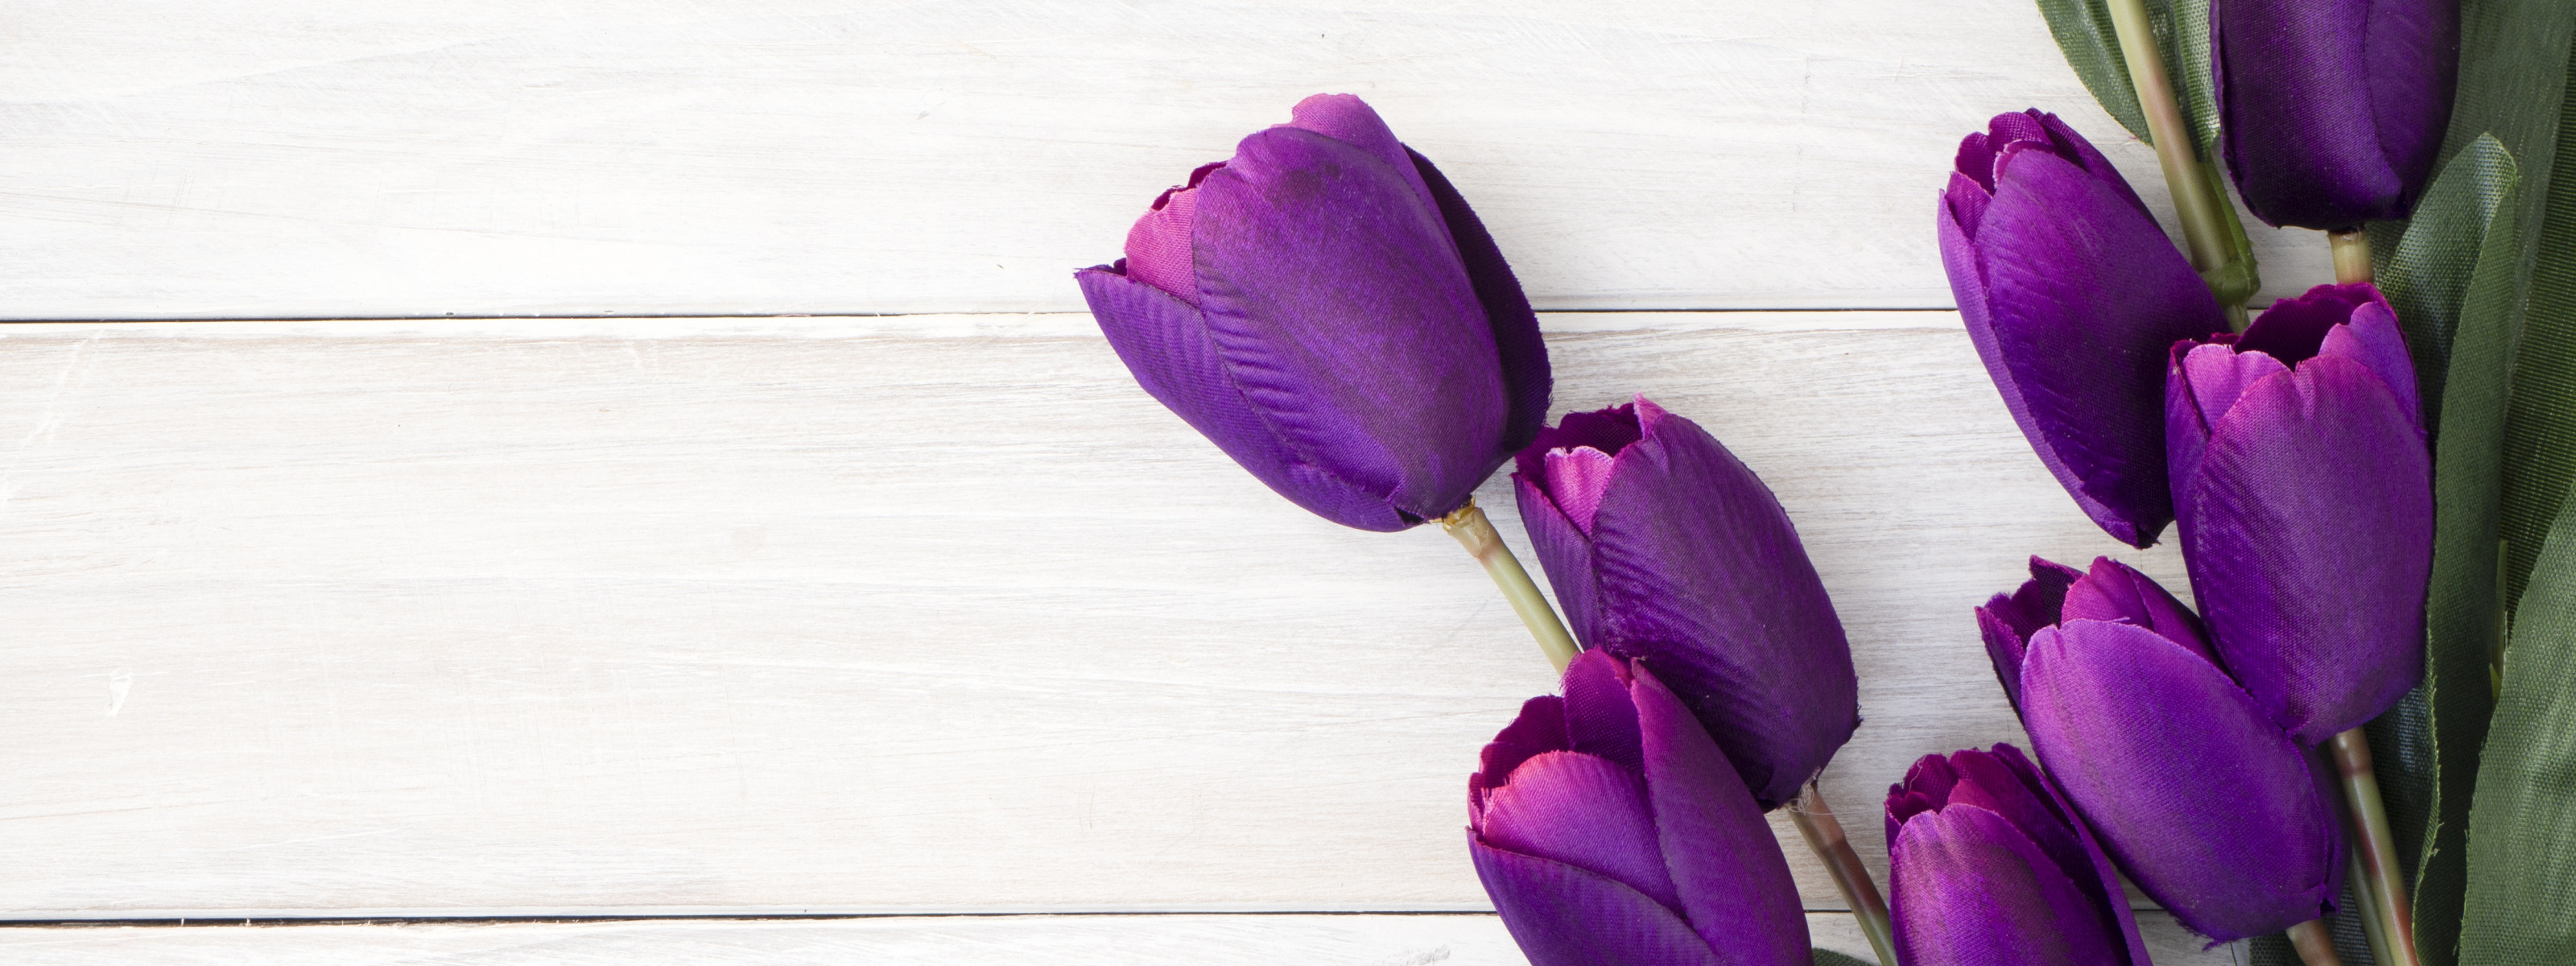 обои разбитые фото тюльпанов на фиолетовом фоне территории